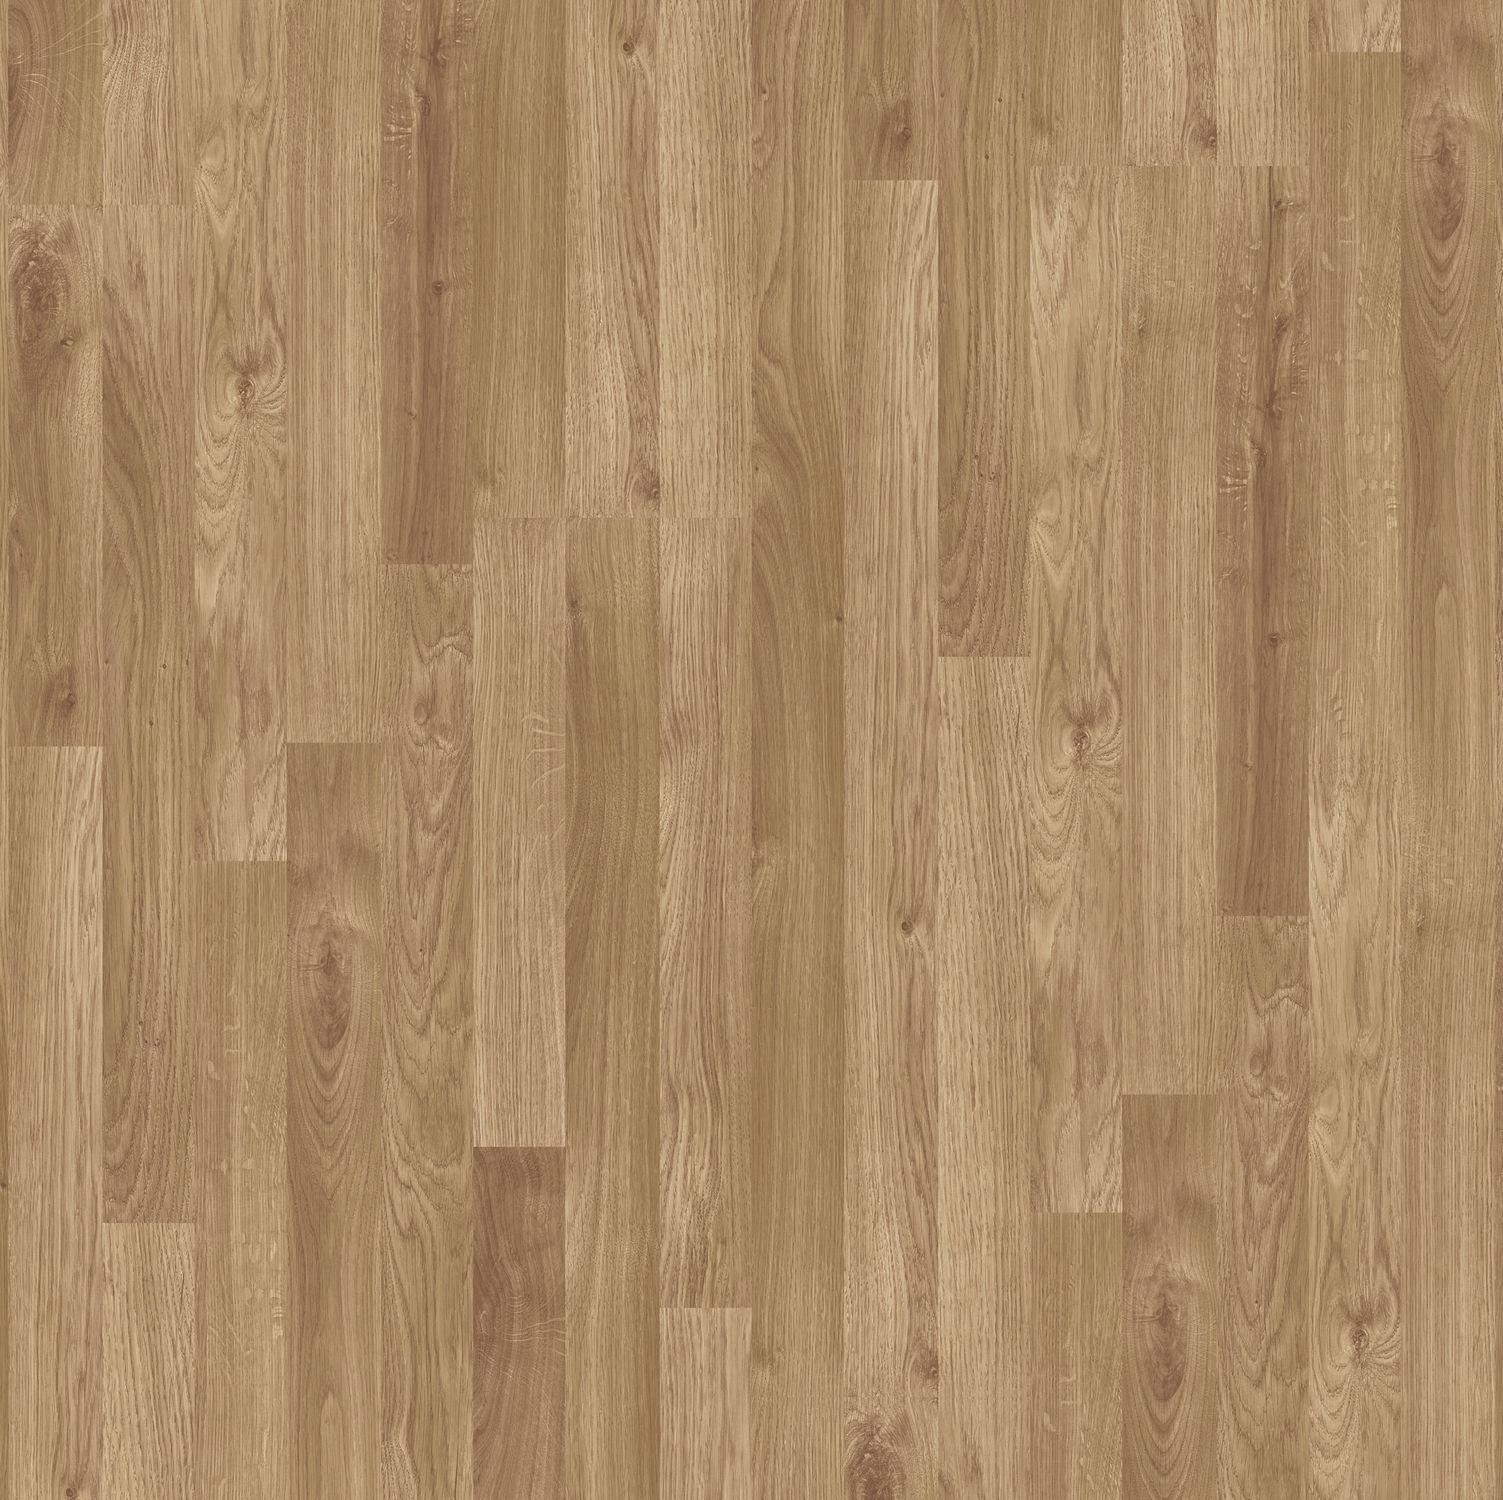 Hdf Laminate Flooring L0601 01829, Laminate Flooring Texture